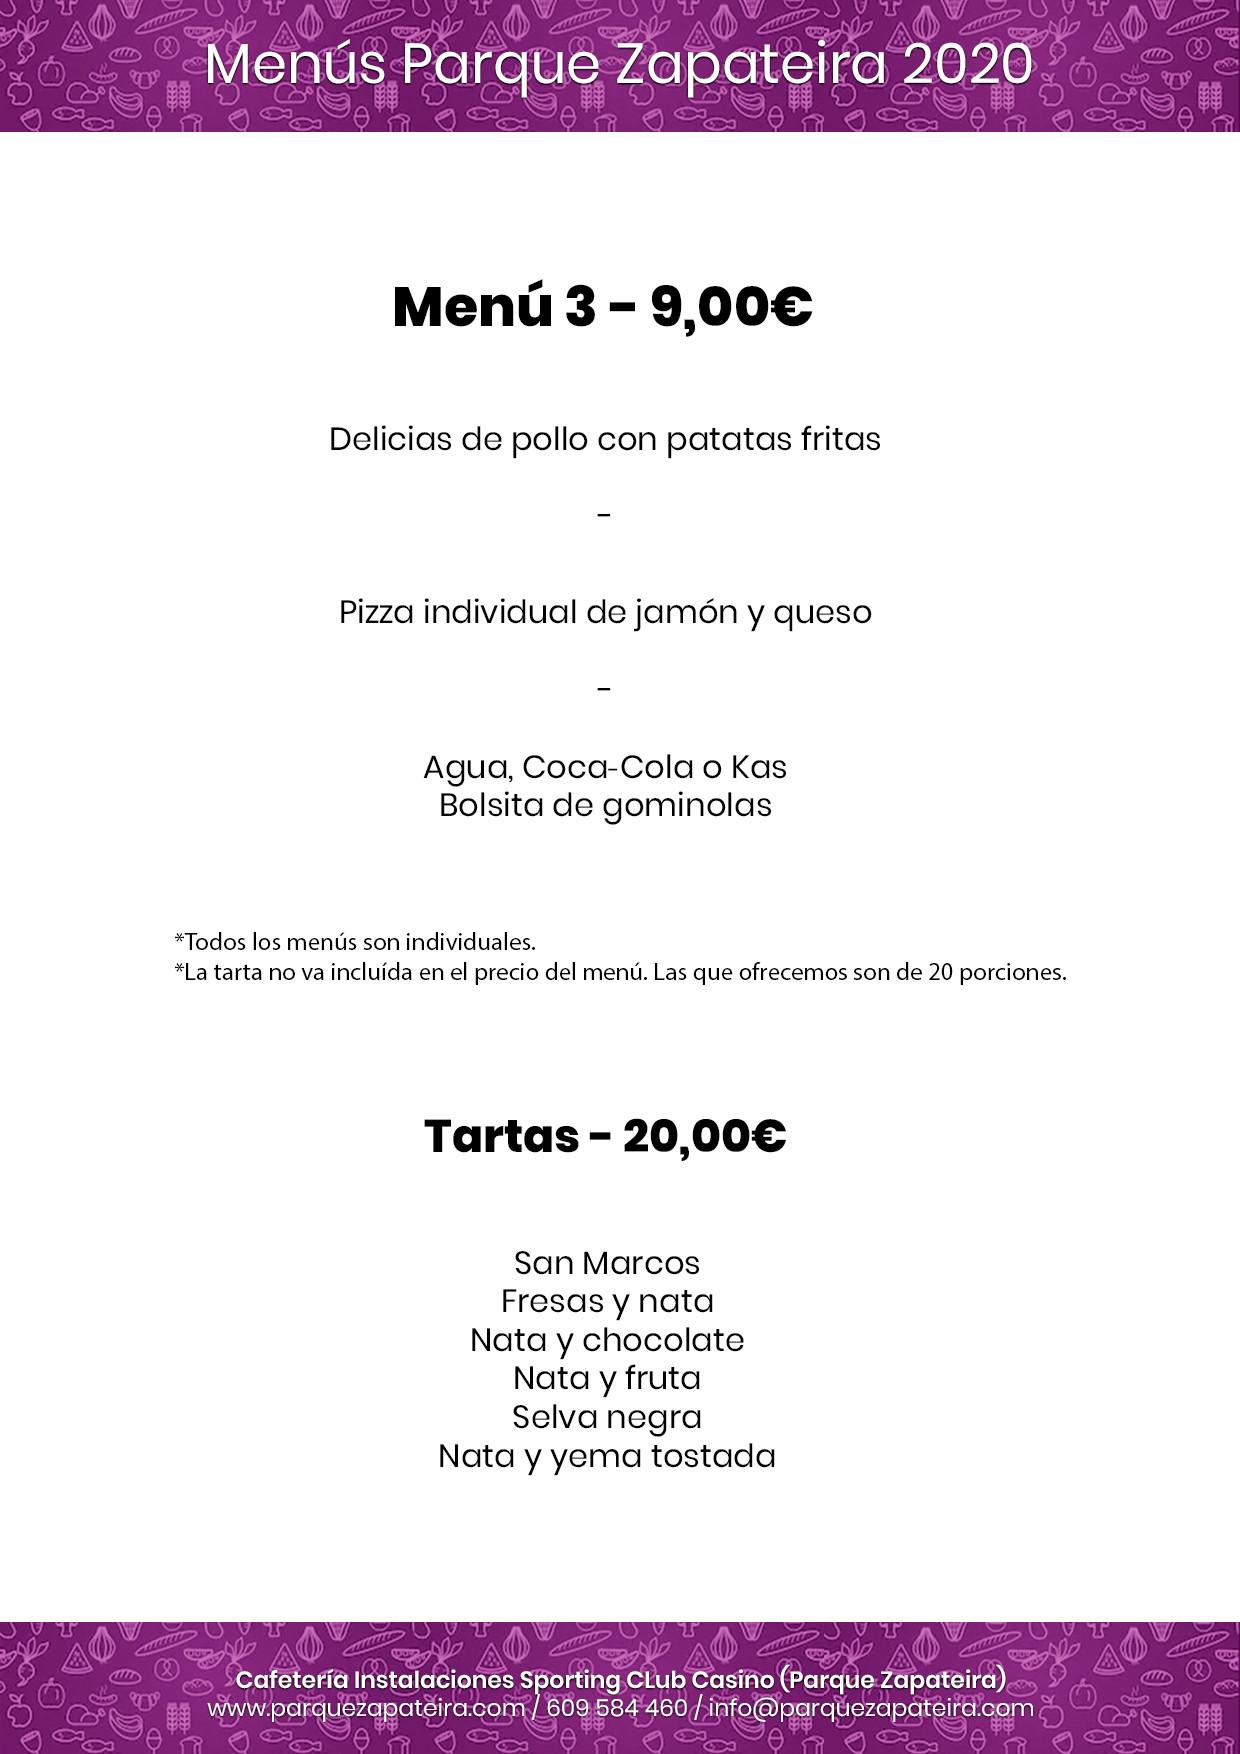 menuscumpleaños-03.jpg